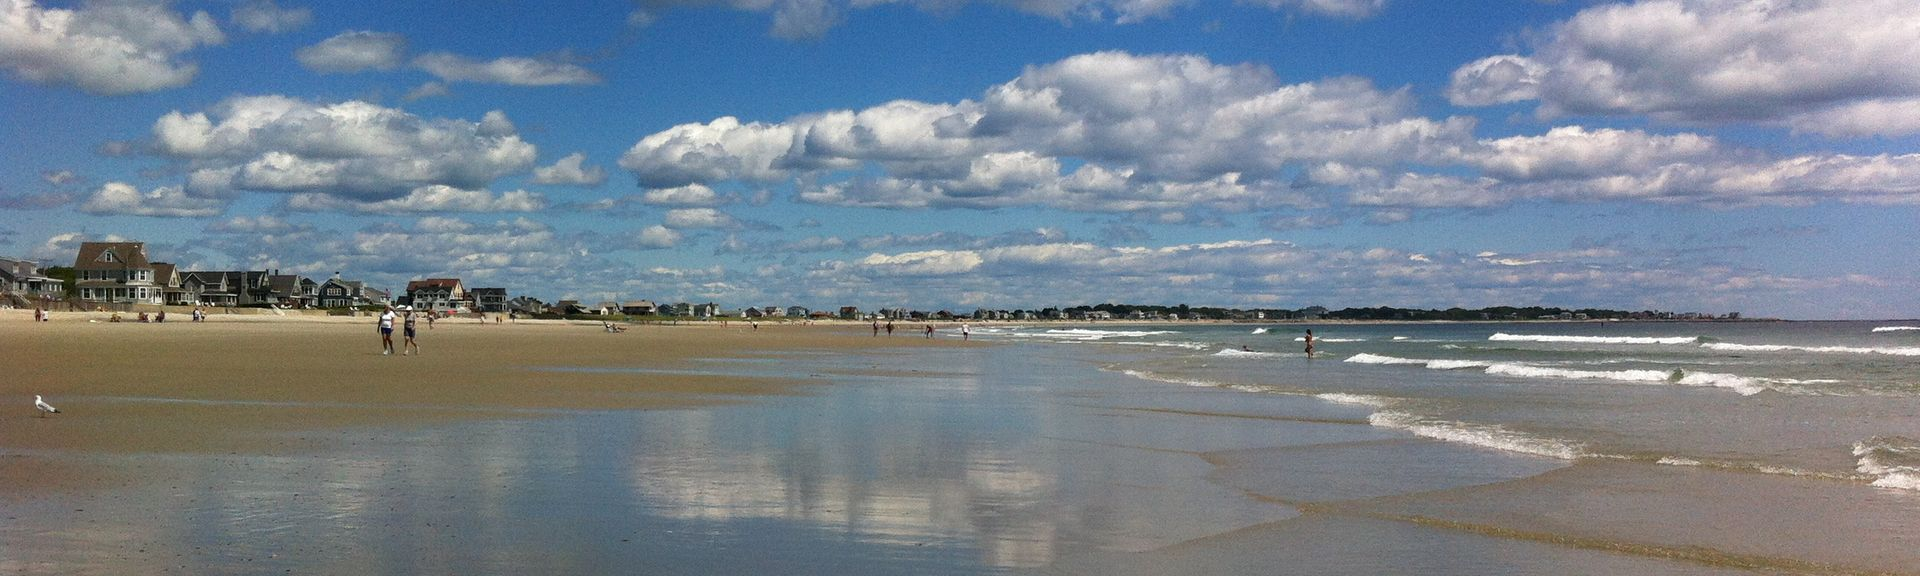 Saco, Maine, États-Unis d'Amérique